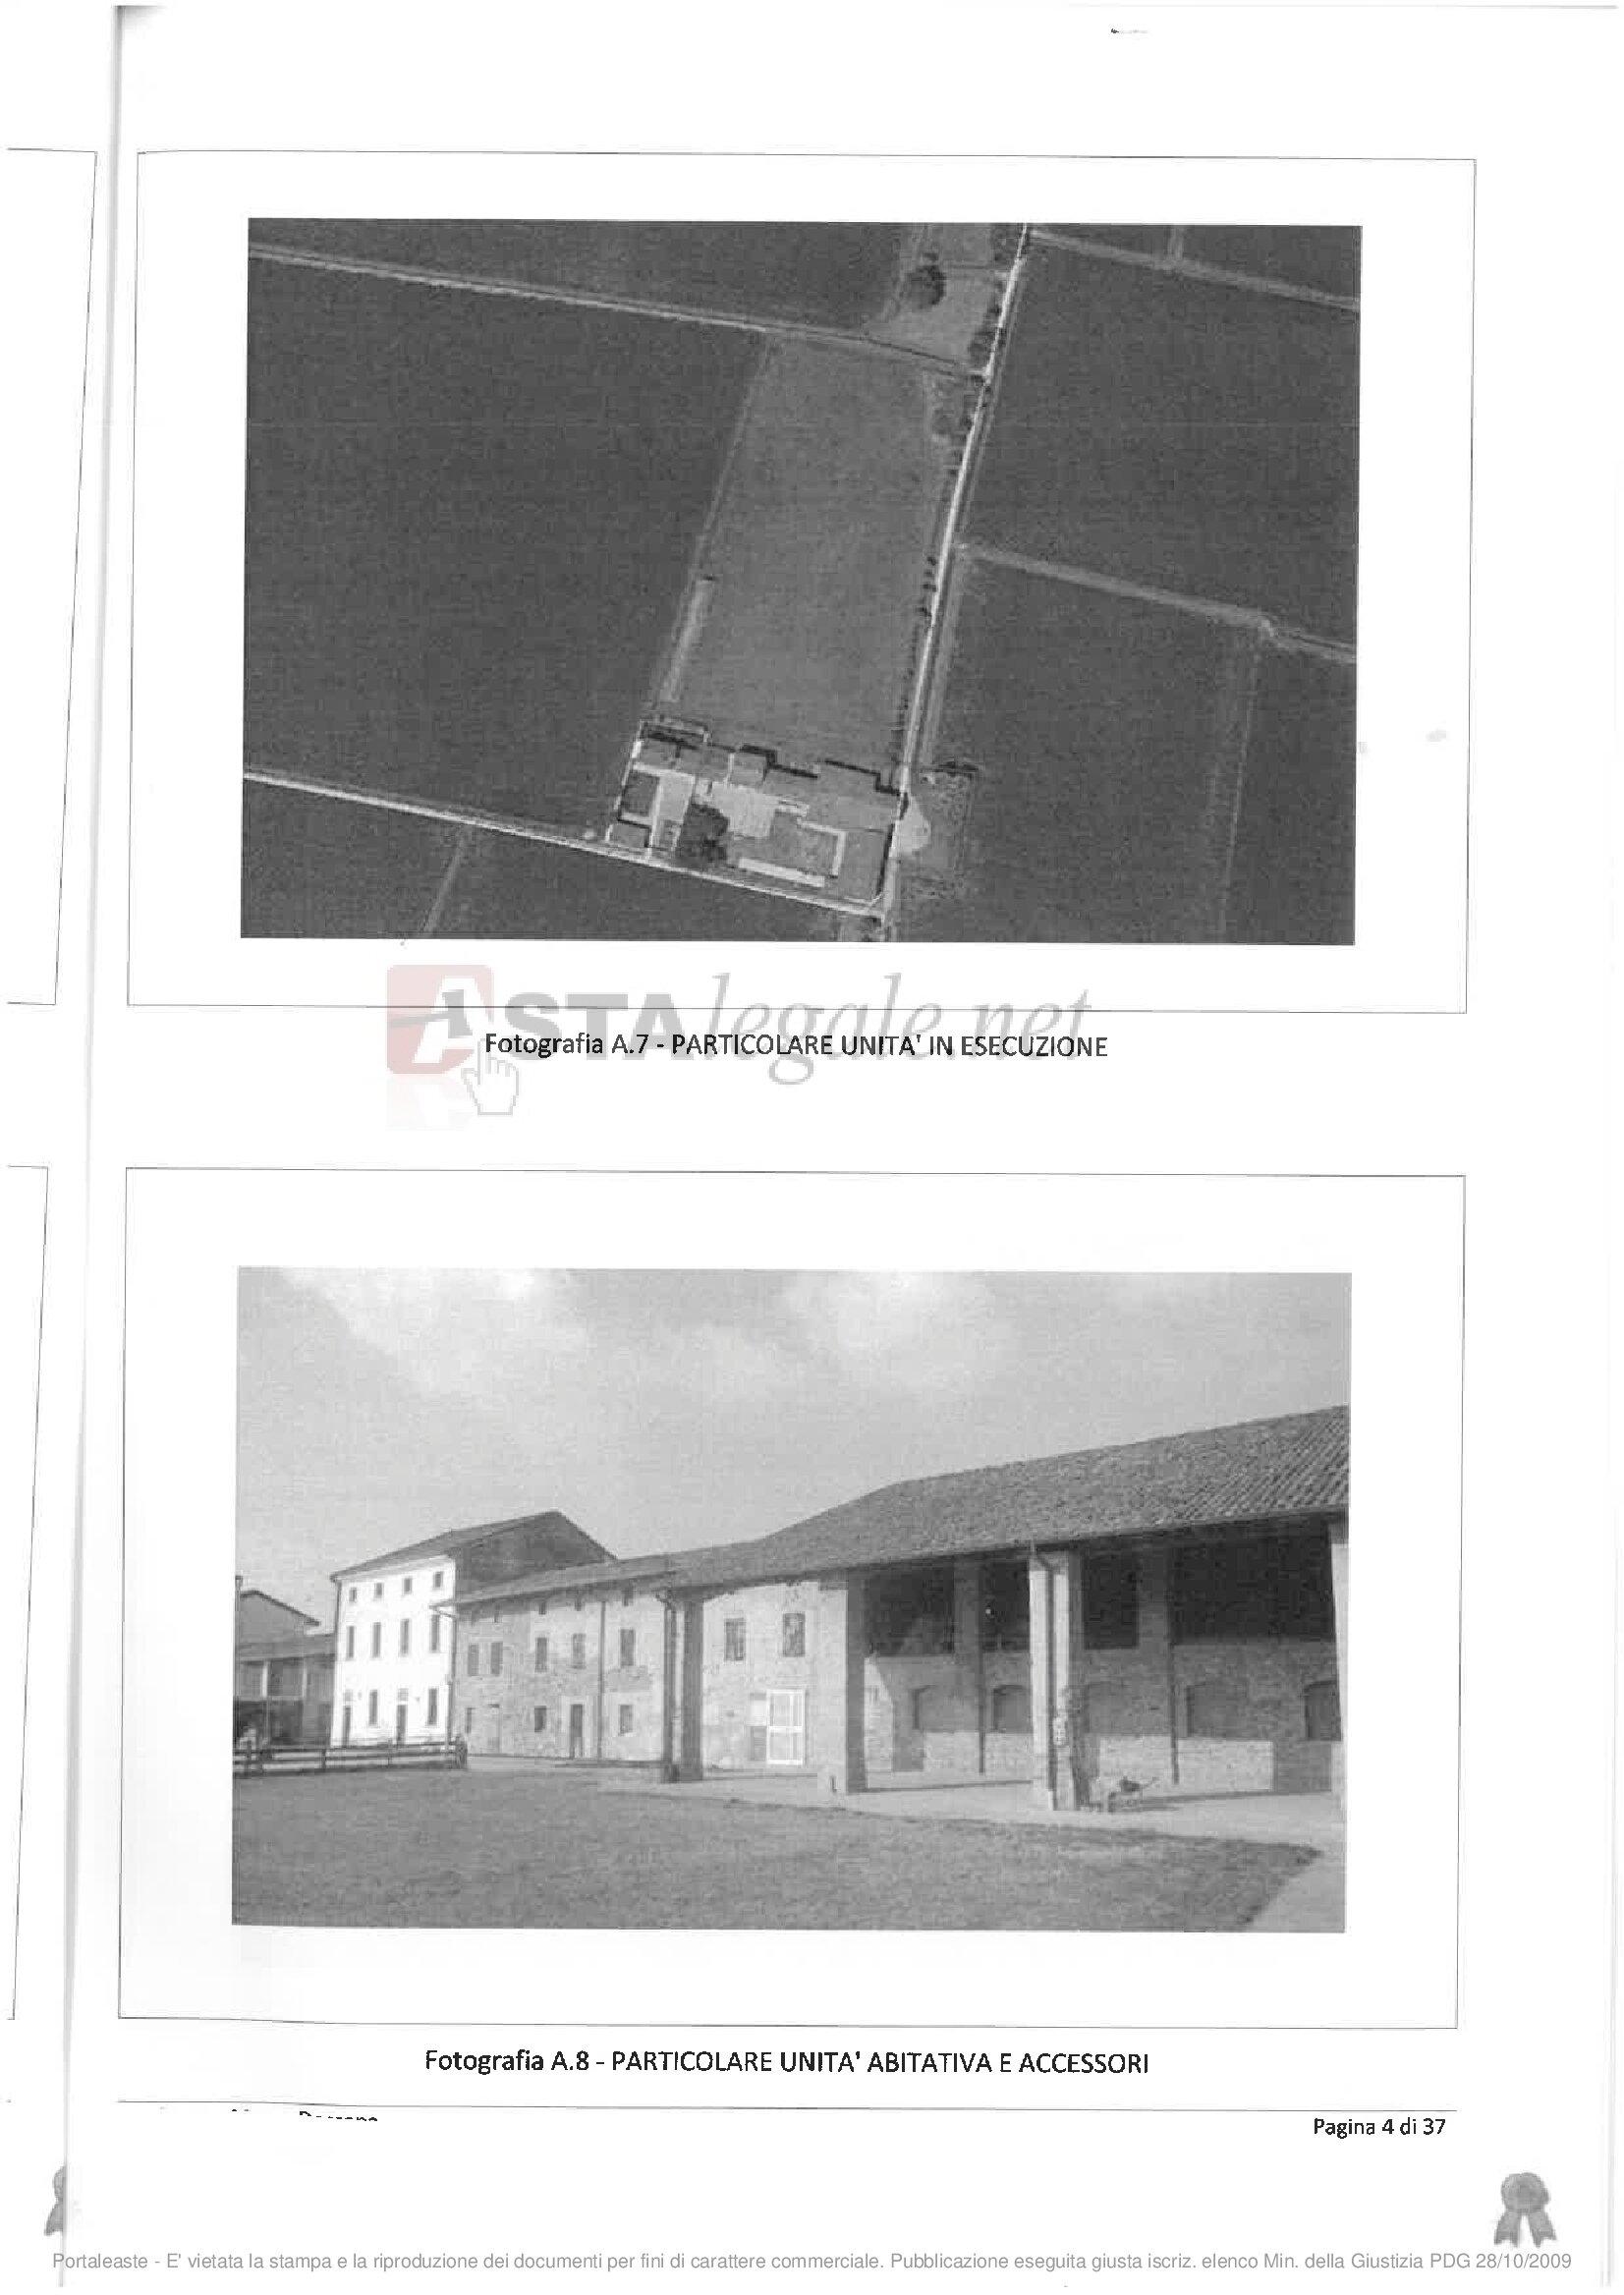 Rustico/Casale/Corte TRIGOLO CR1187048